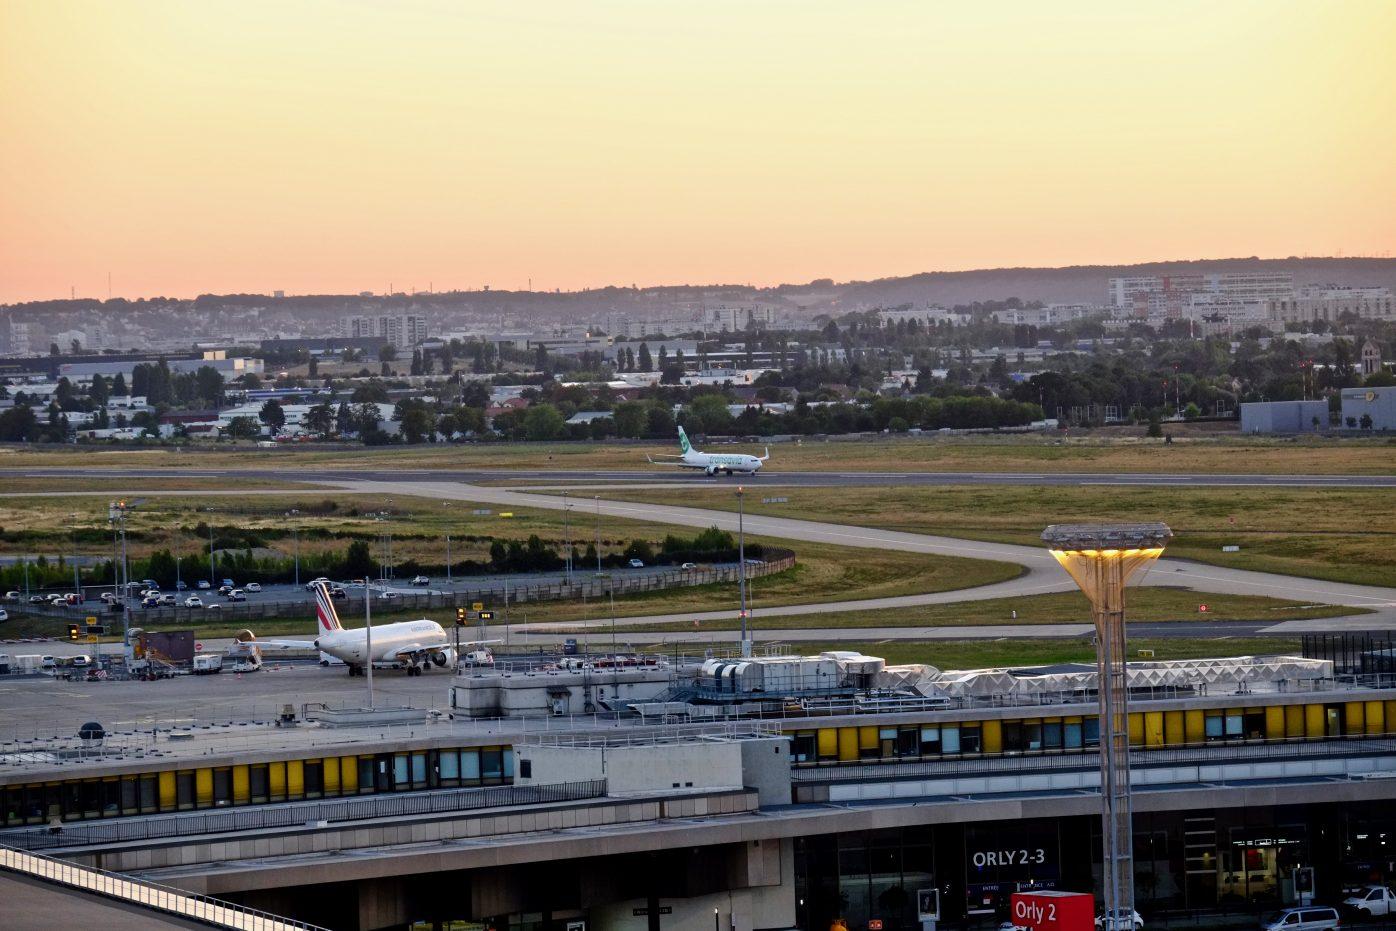 L'aéroport d'Orly en image